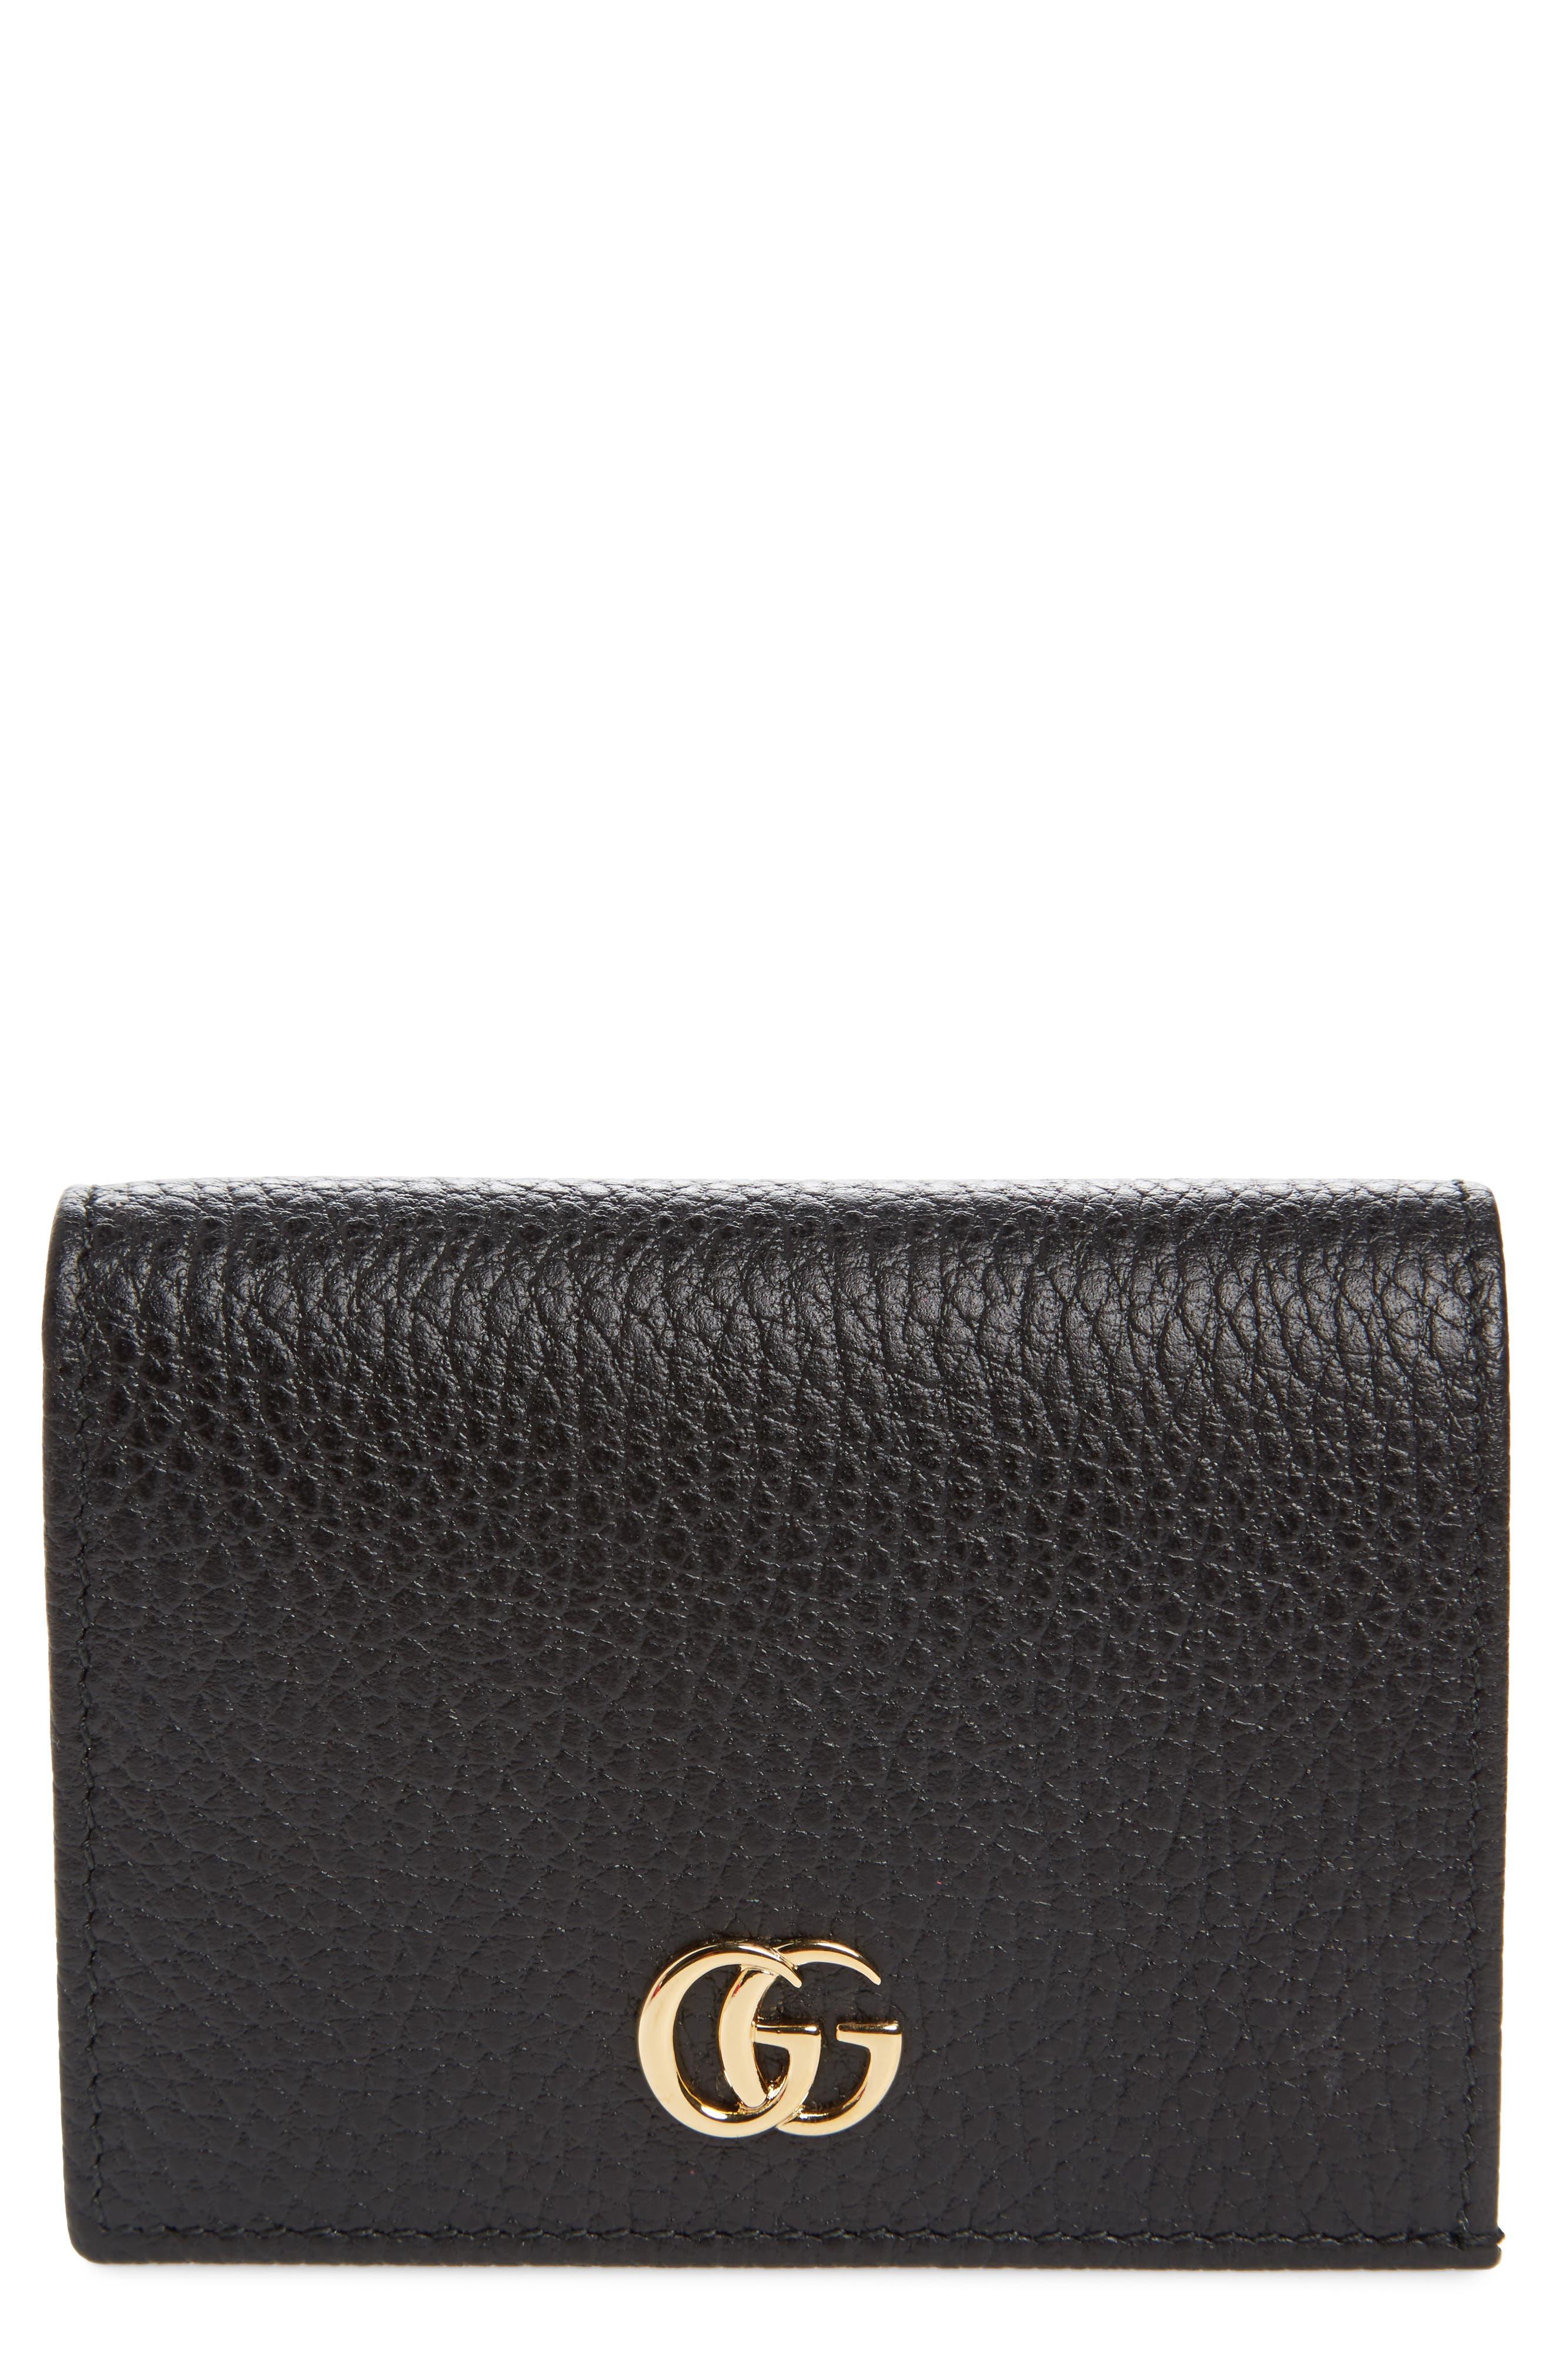 Petite Marmont Leather Card Case,                         Main,                         color, Nero/ Nero